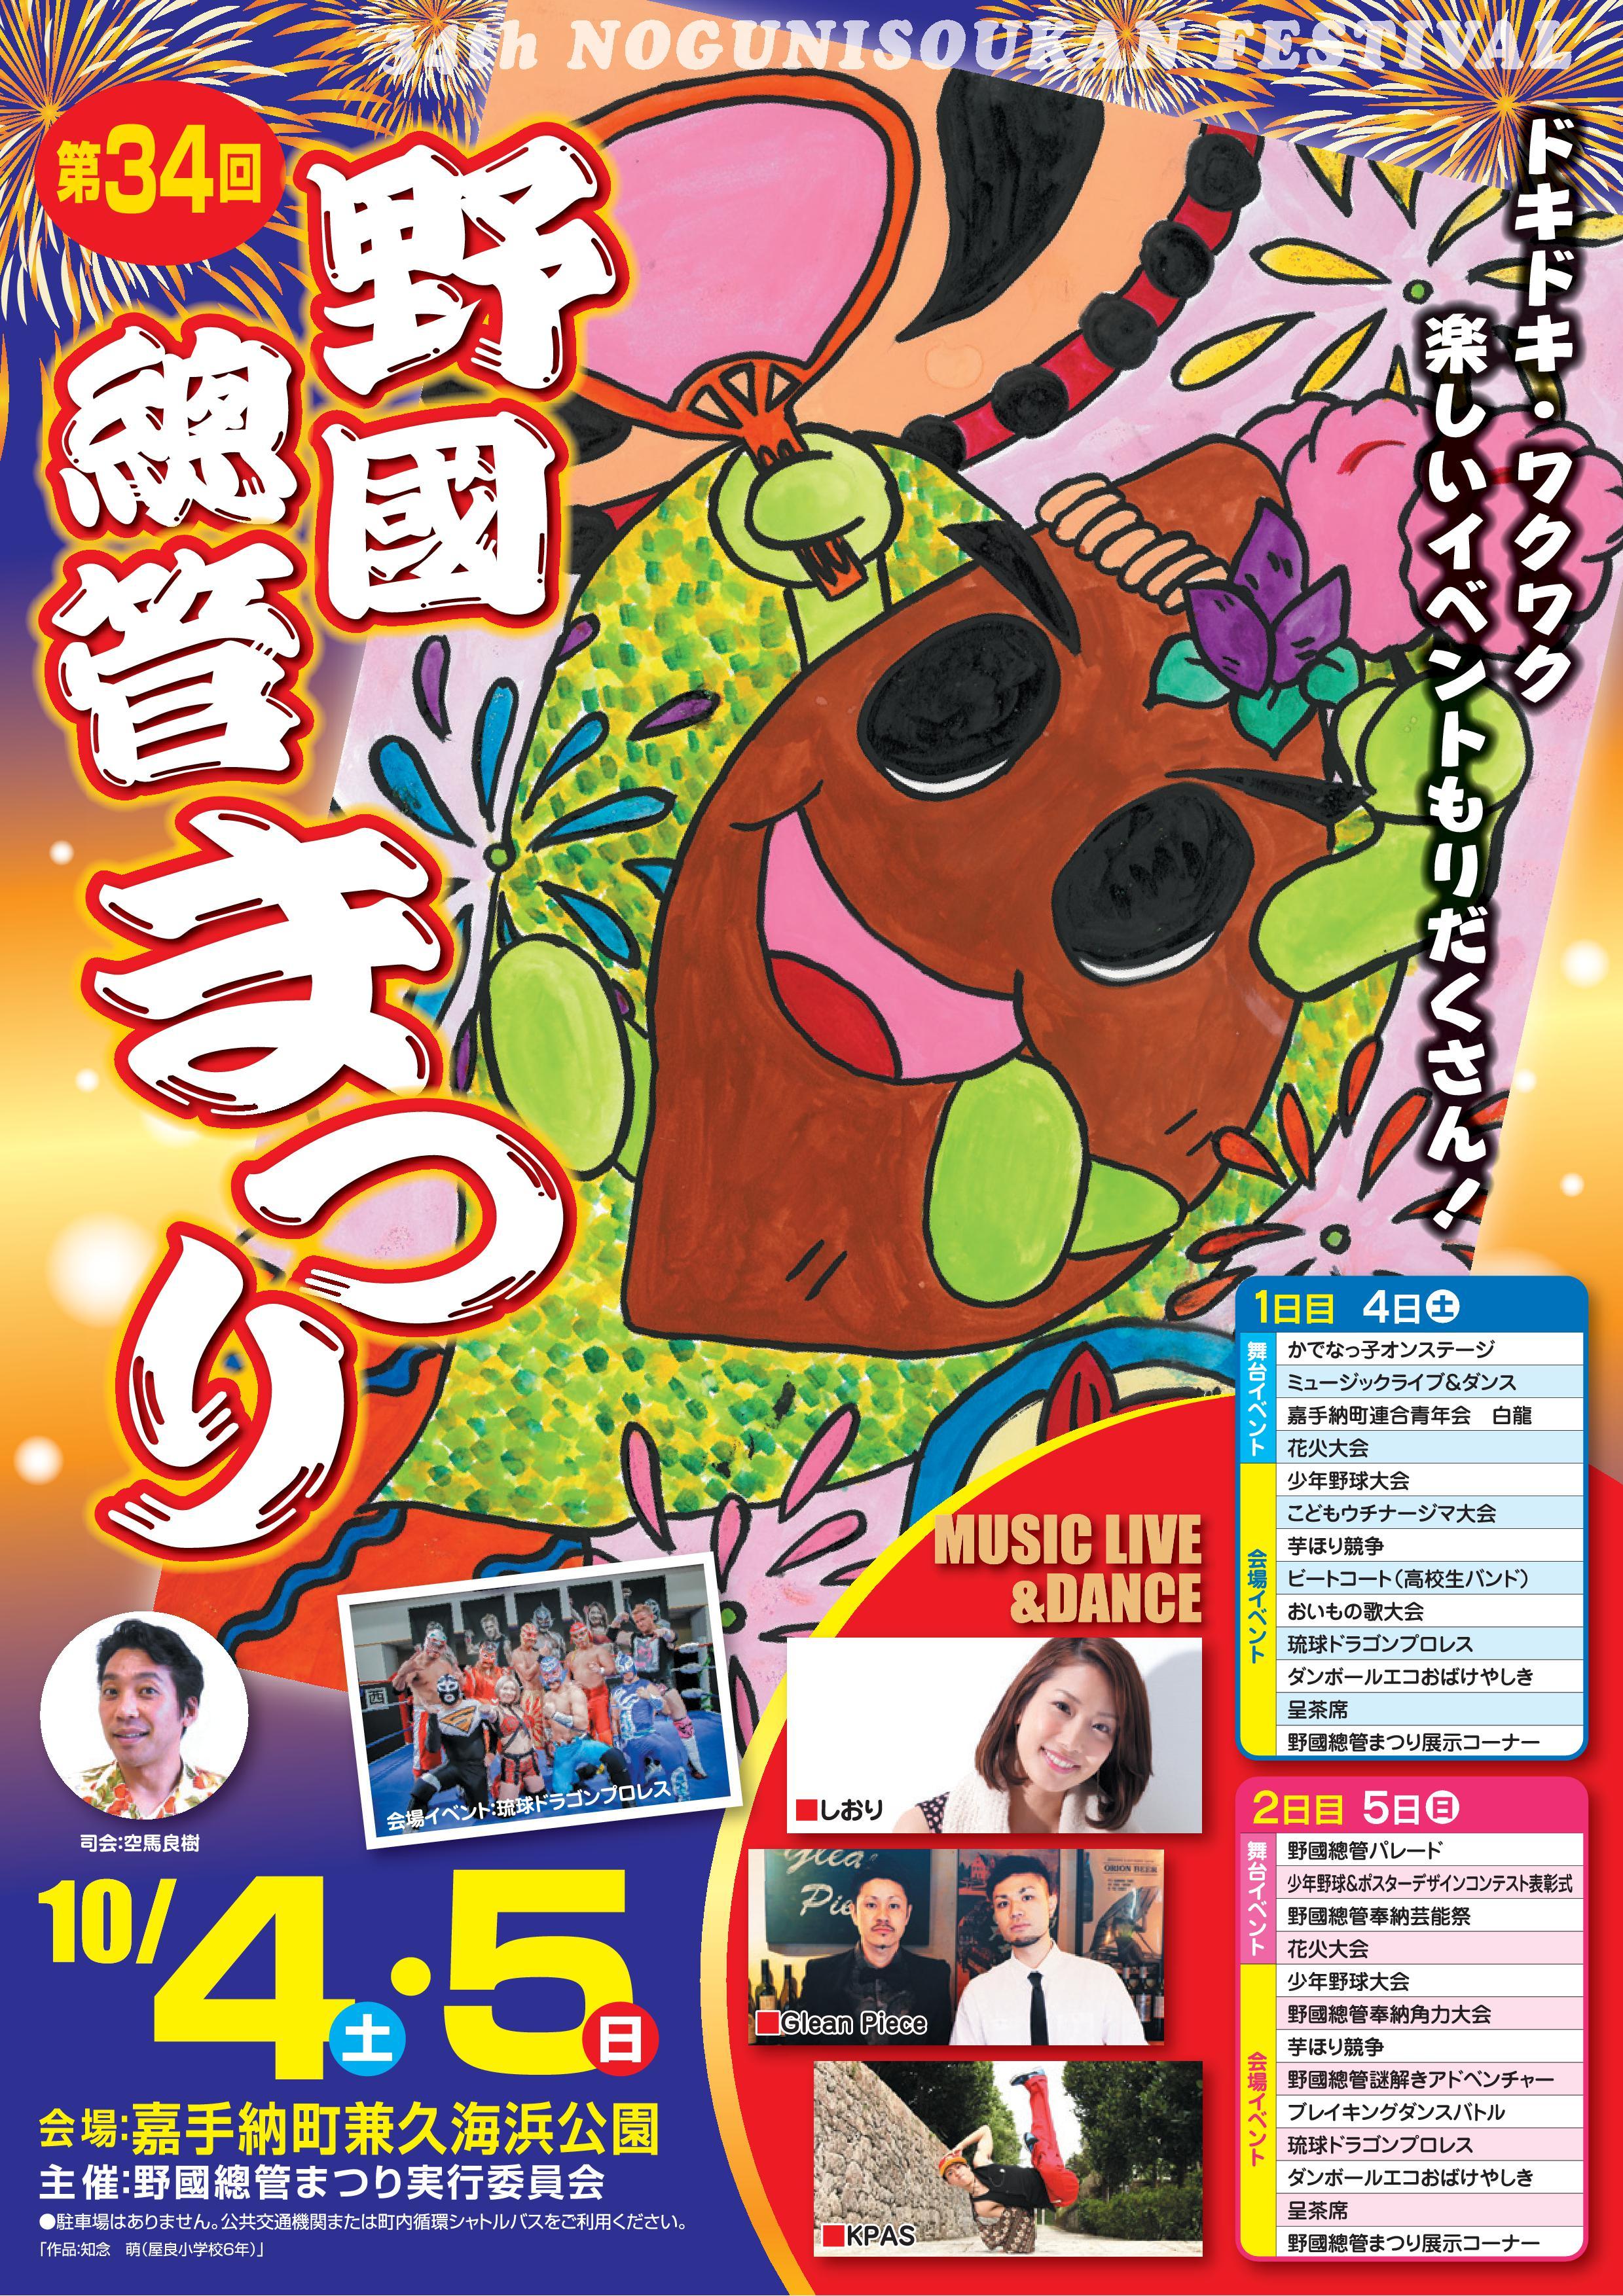 第34回 野國總管まつりのポスター